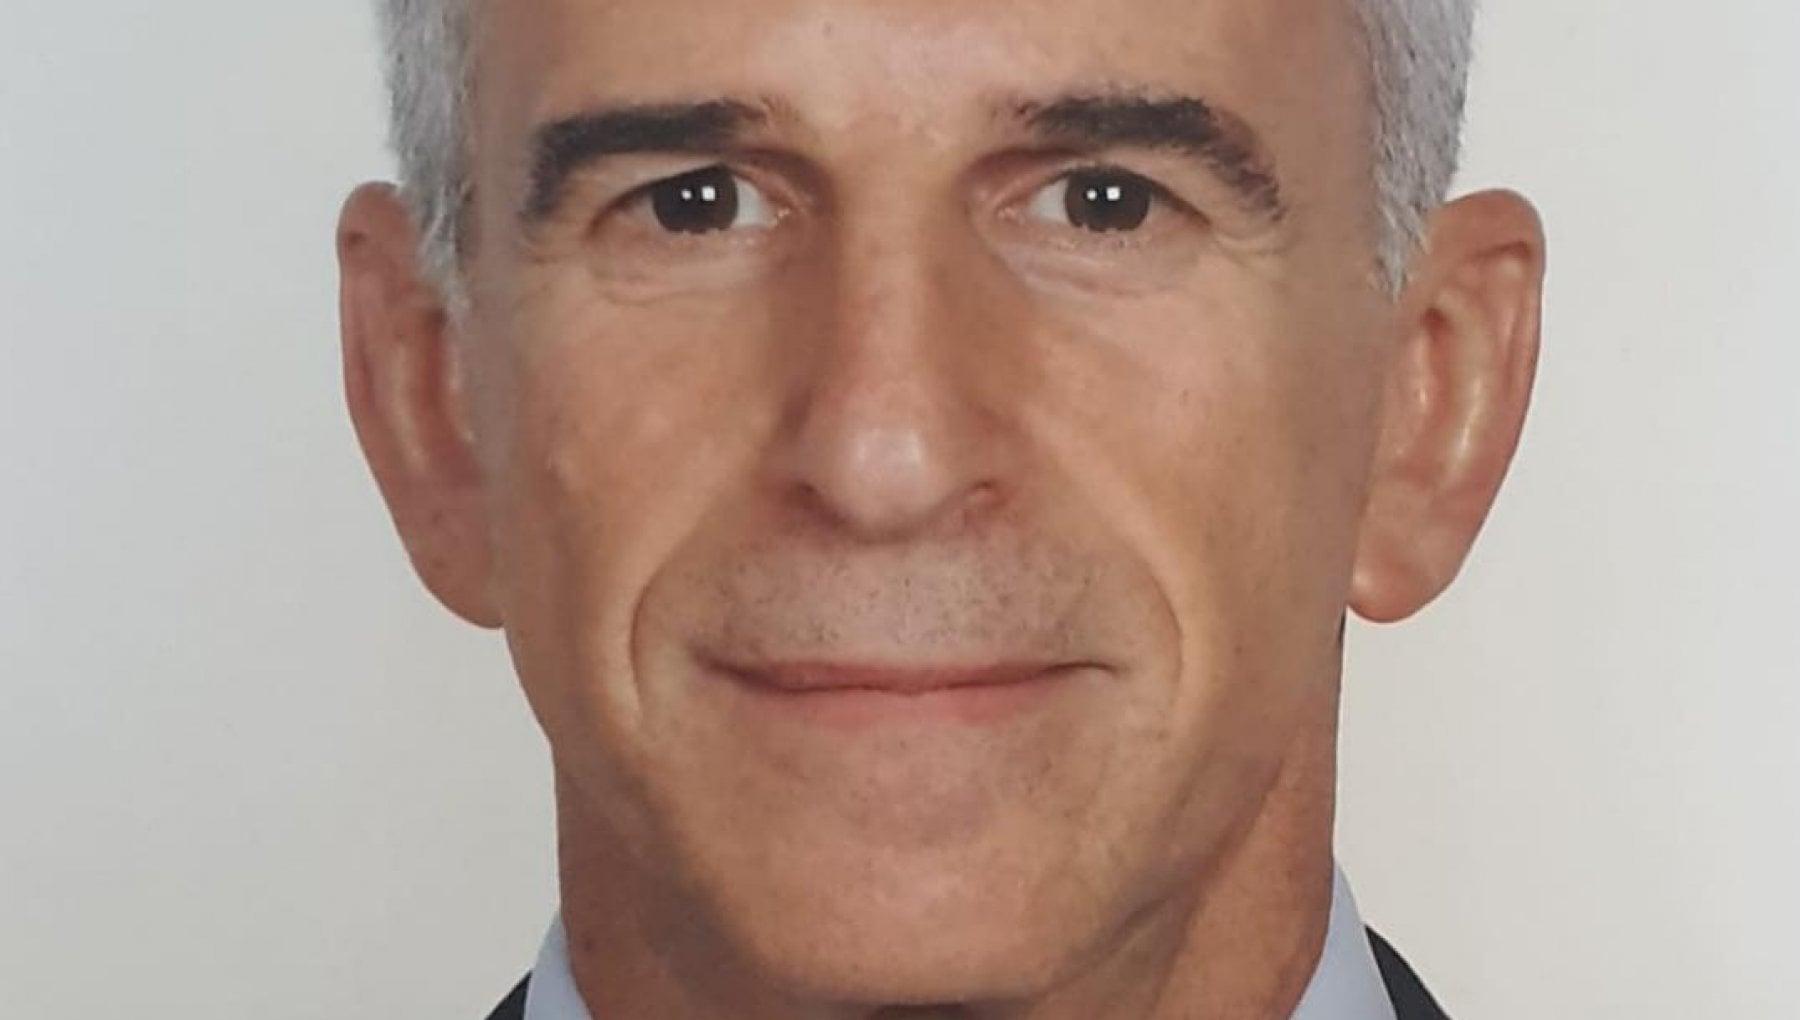 211829925 bf4f9381 670e 4af7 9511 d4fa59b0cb48 - Israele, svelato il nome del nuovo capo del Mossad: è David Barnea